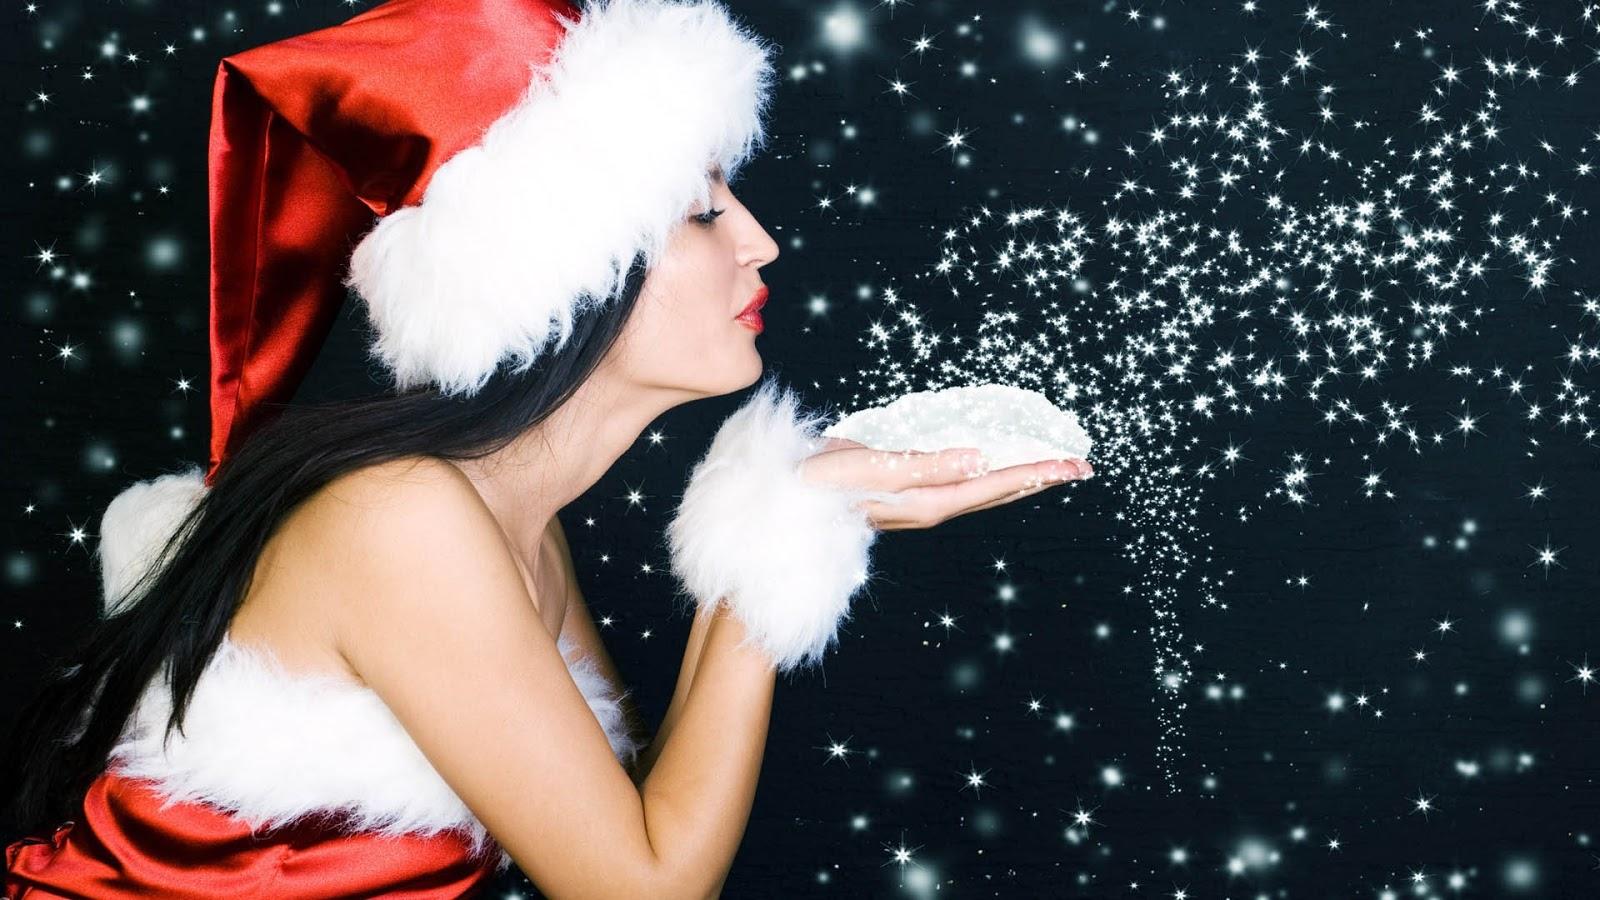 Christmas Magic Hd Wallpapers: Christmas Wallpapers